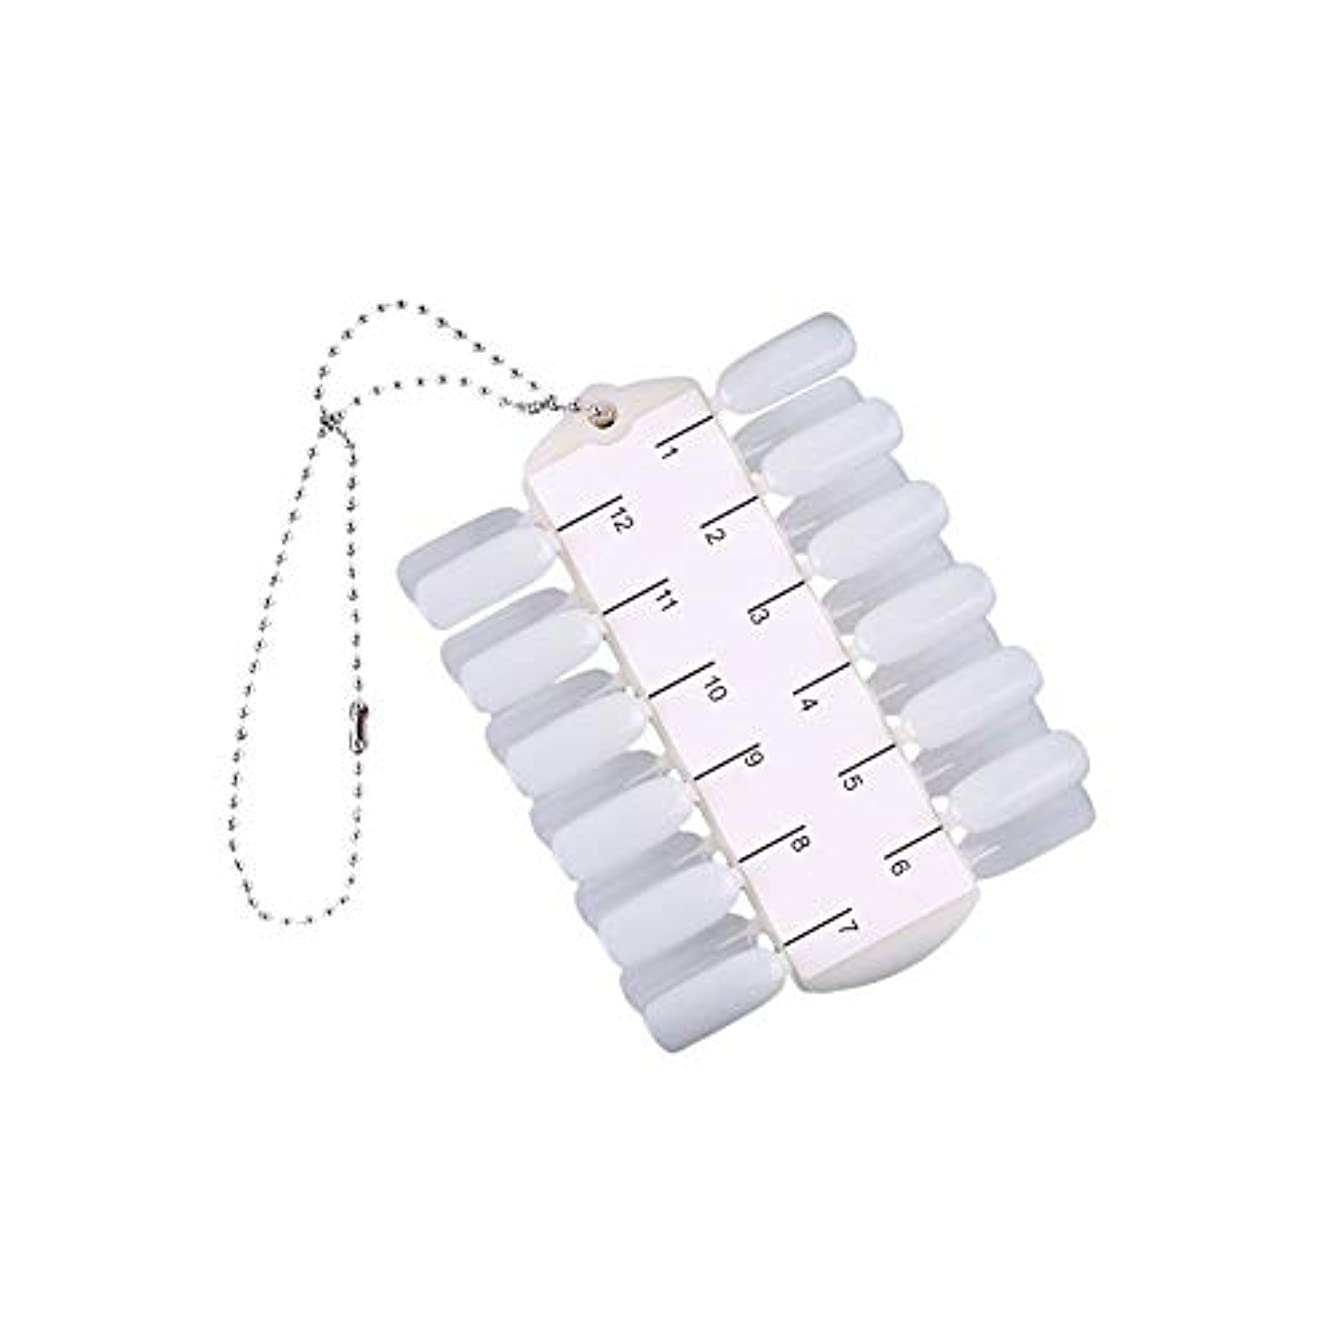 蒸苛性収まるネイルは、プラスチック製のネイルジェルネイルカラーカードの表示パネルネイルデザインのトレーニングキットマニキュアを促し